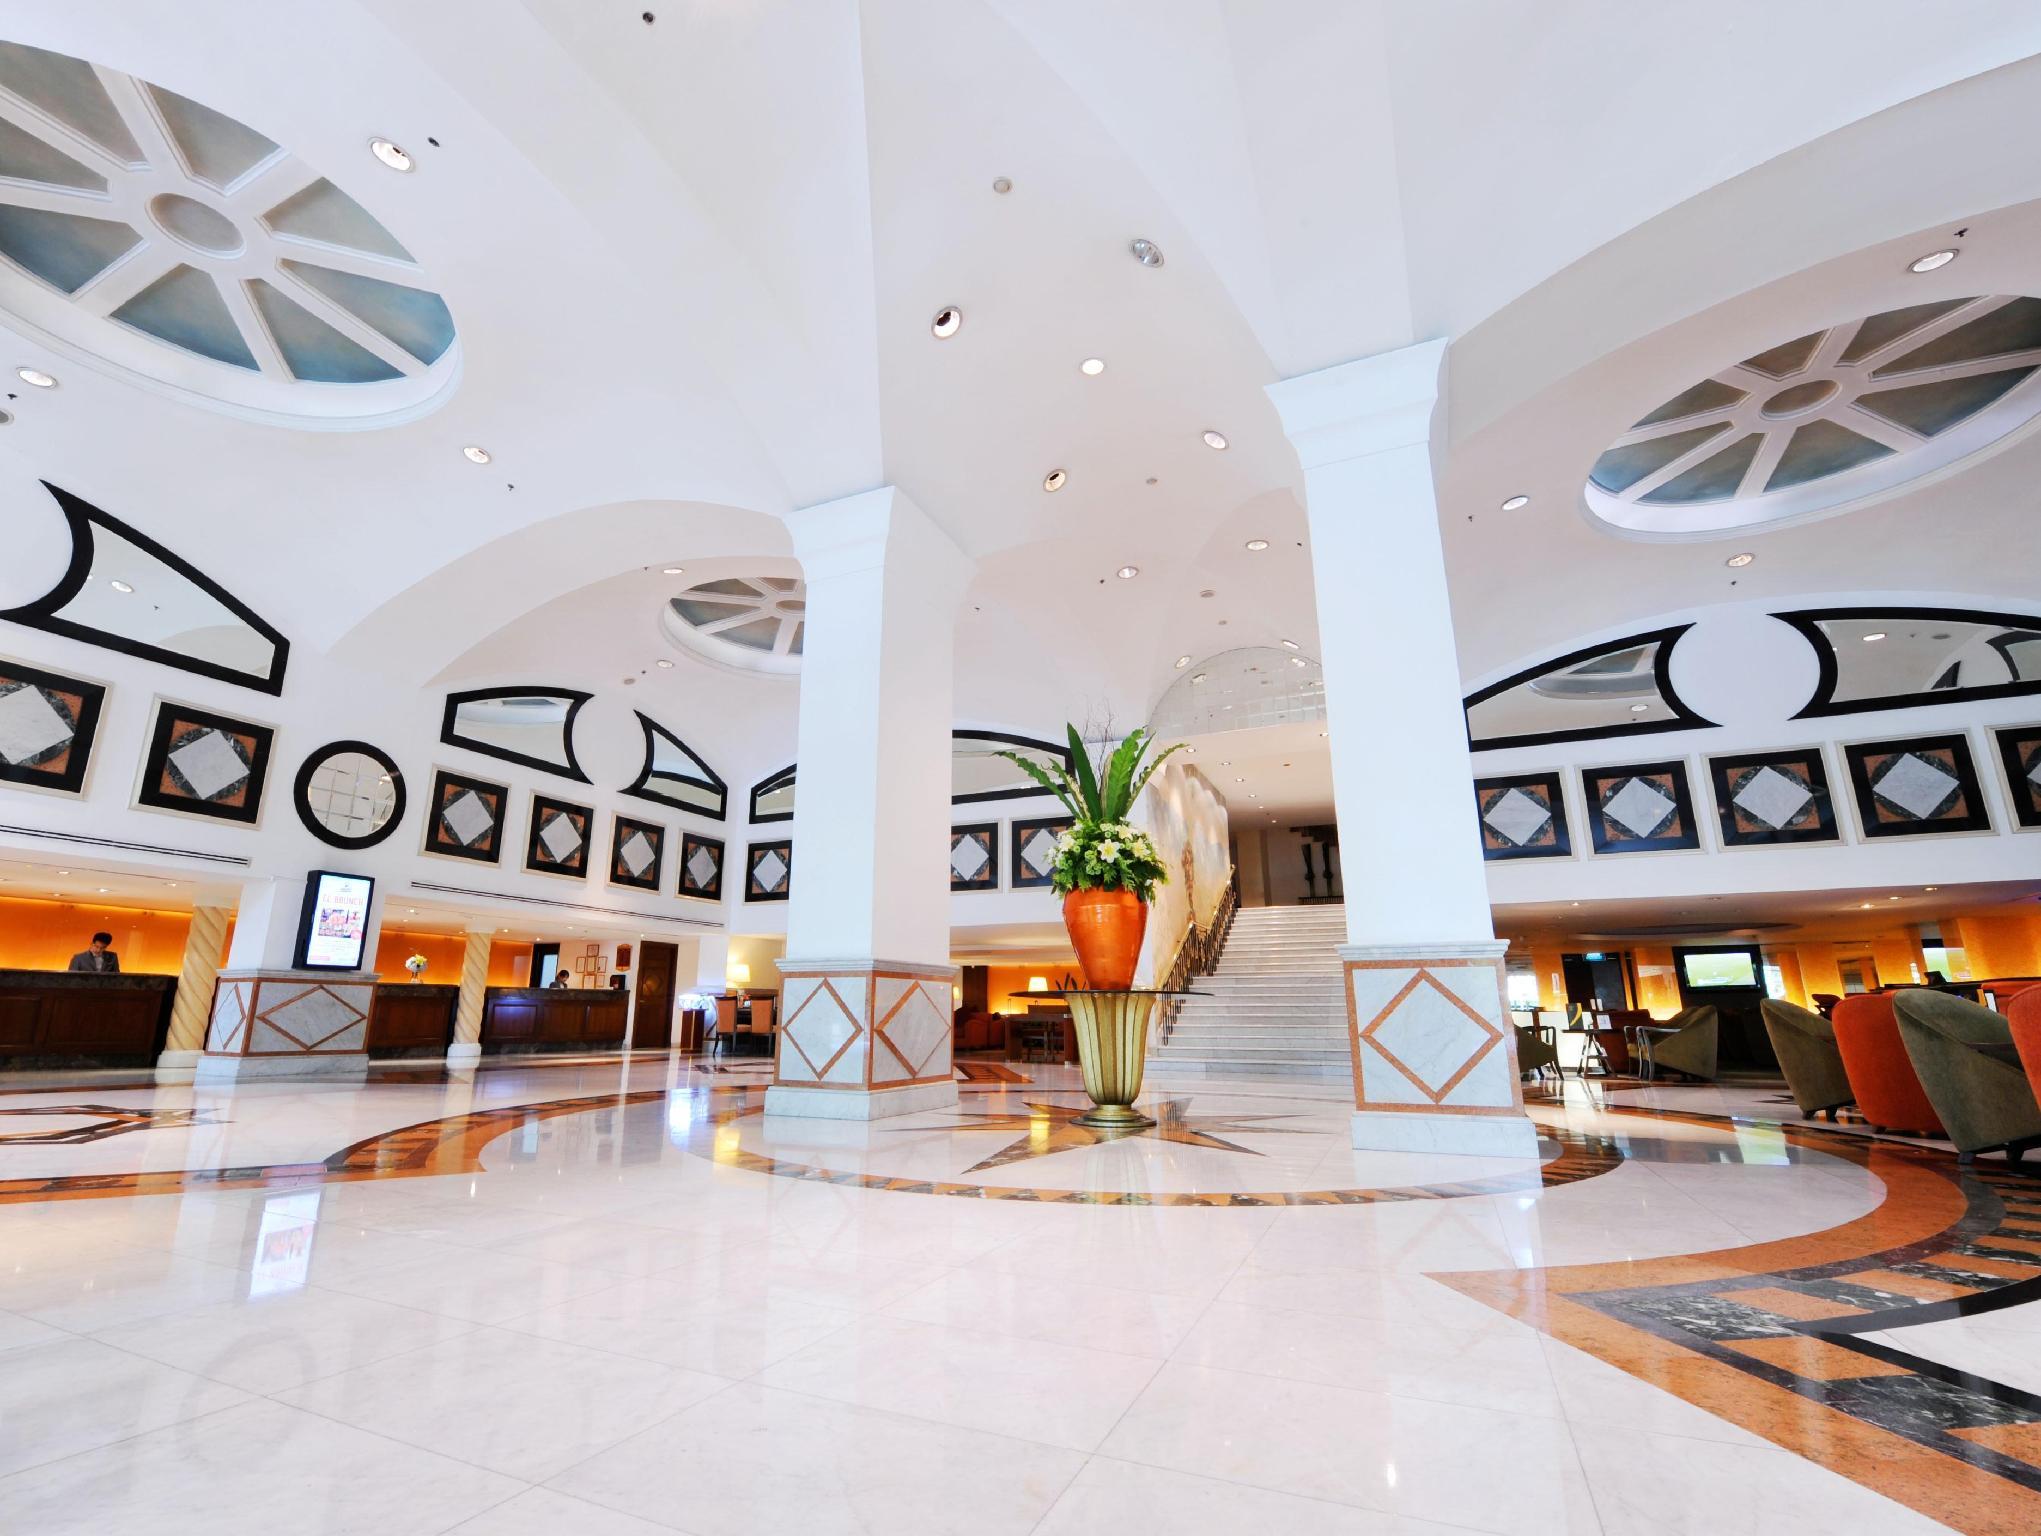 レンブラント ホテル5